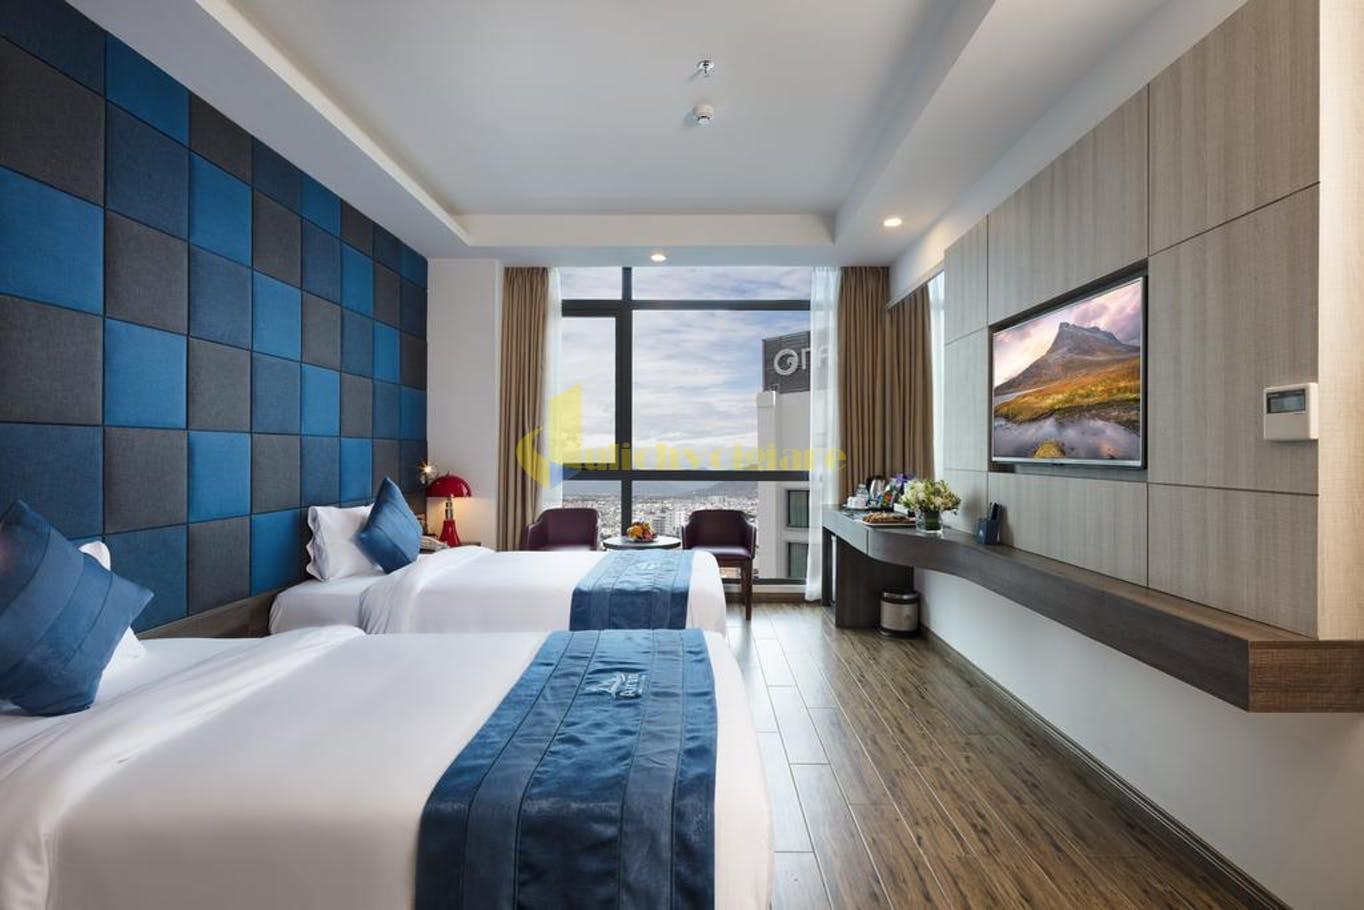 aaron-1 Top 10 Khách Sạn Đẹp Ngất Ngây Tại Nha Trang